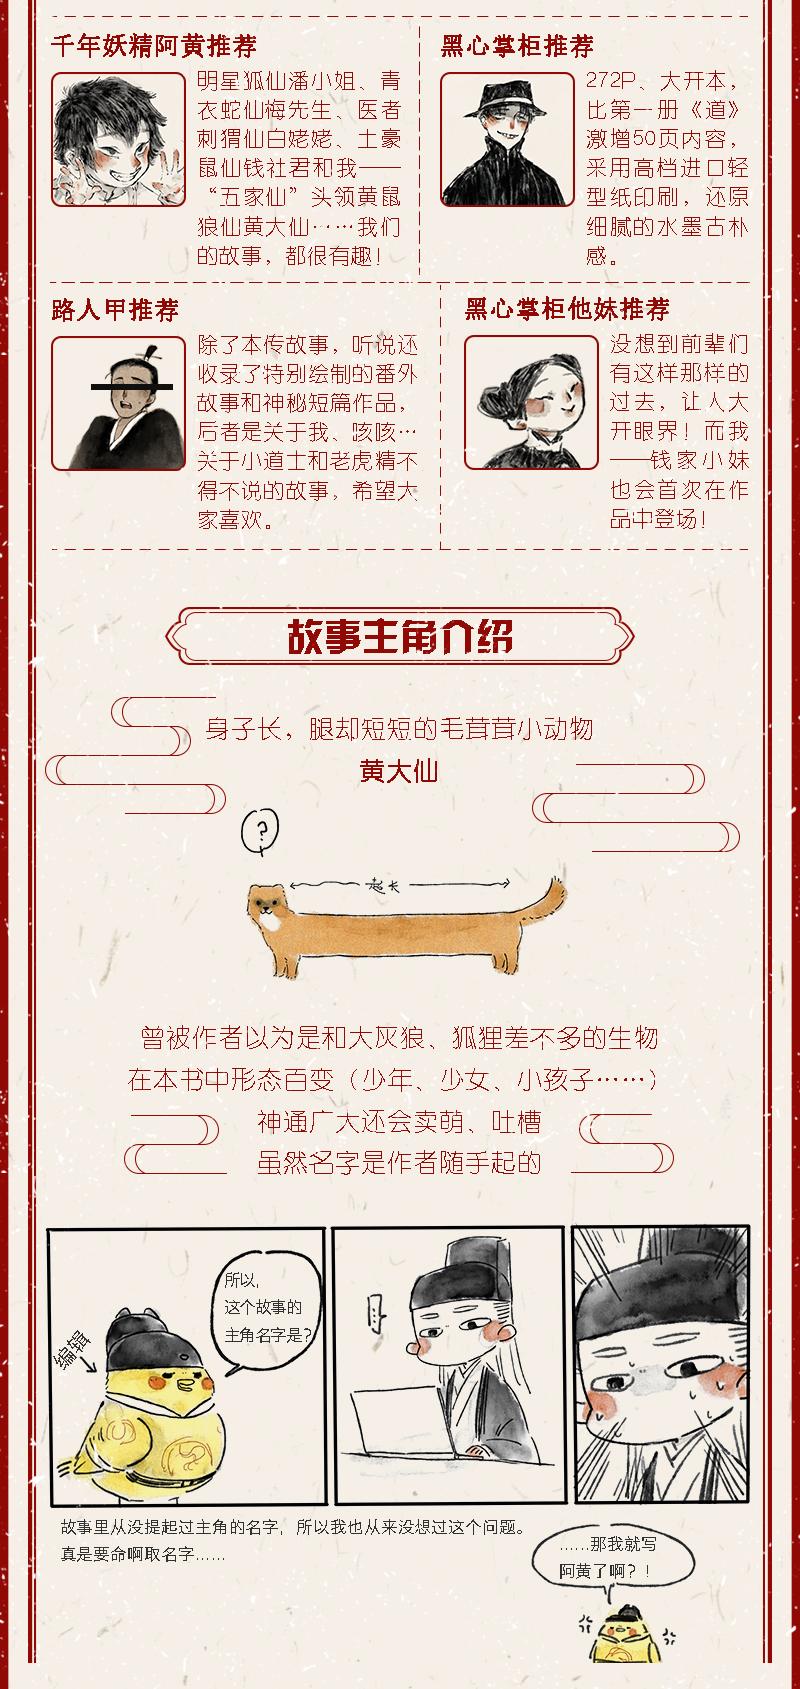 长图_cr3.jpg